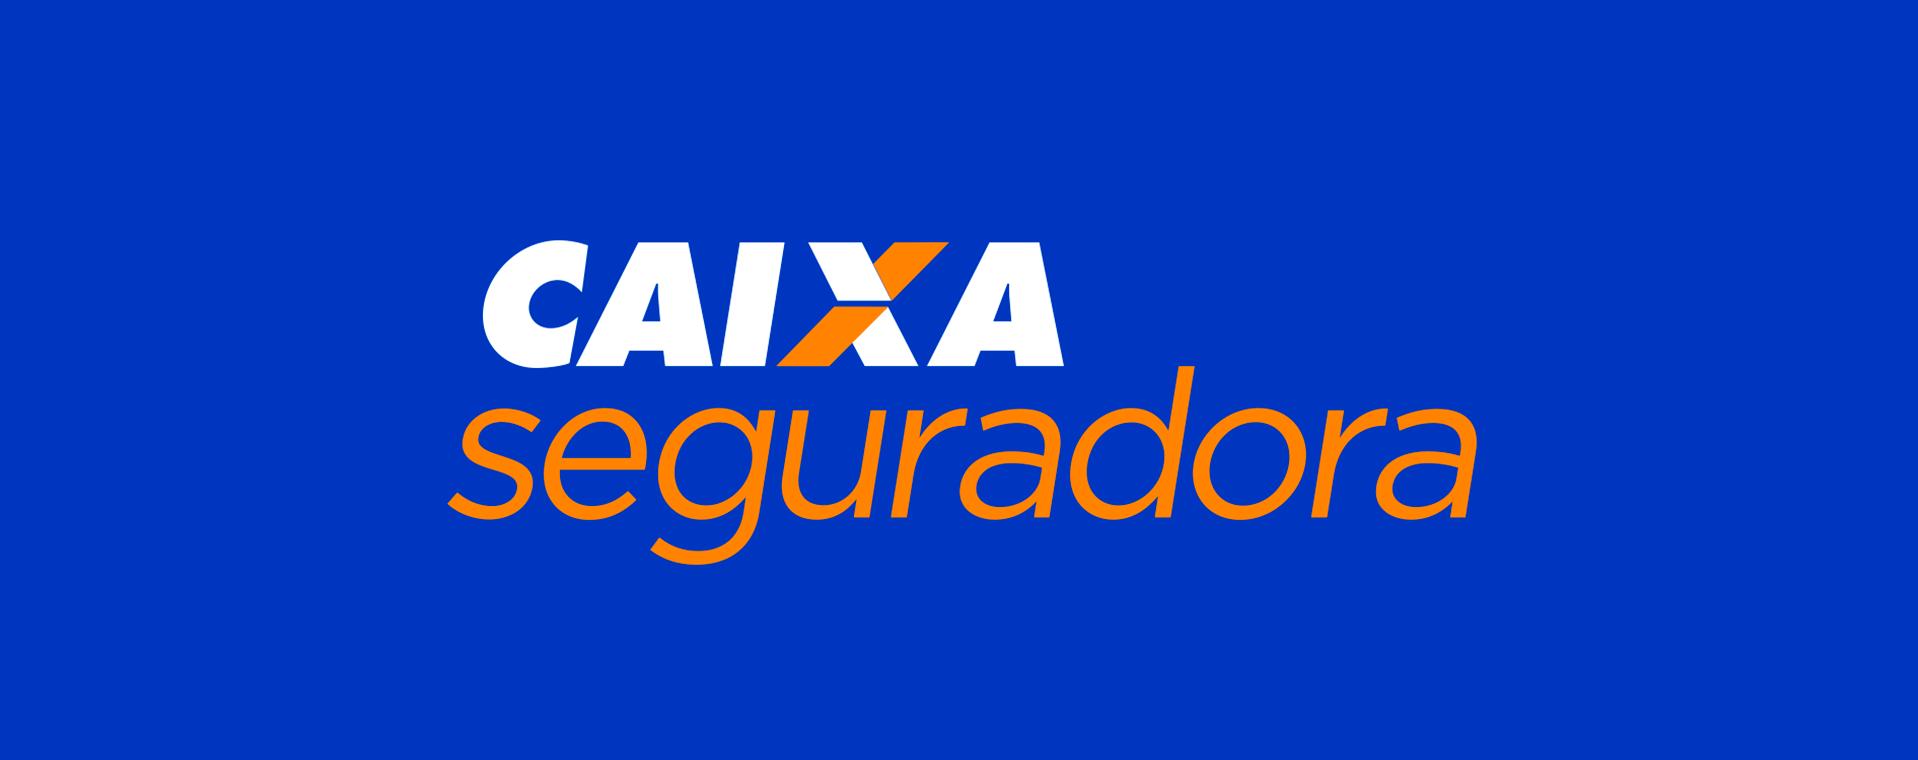 CAIXA SEGURADORA